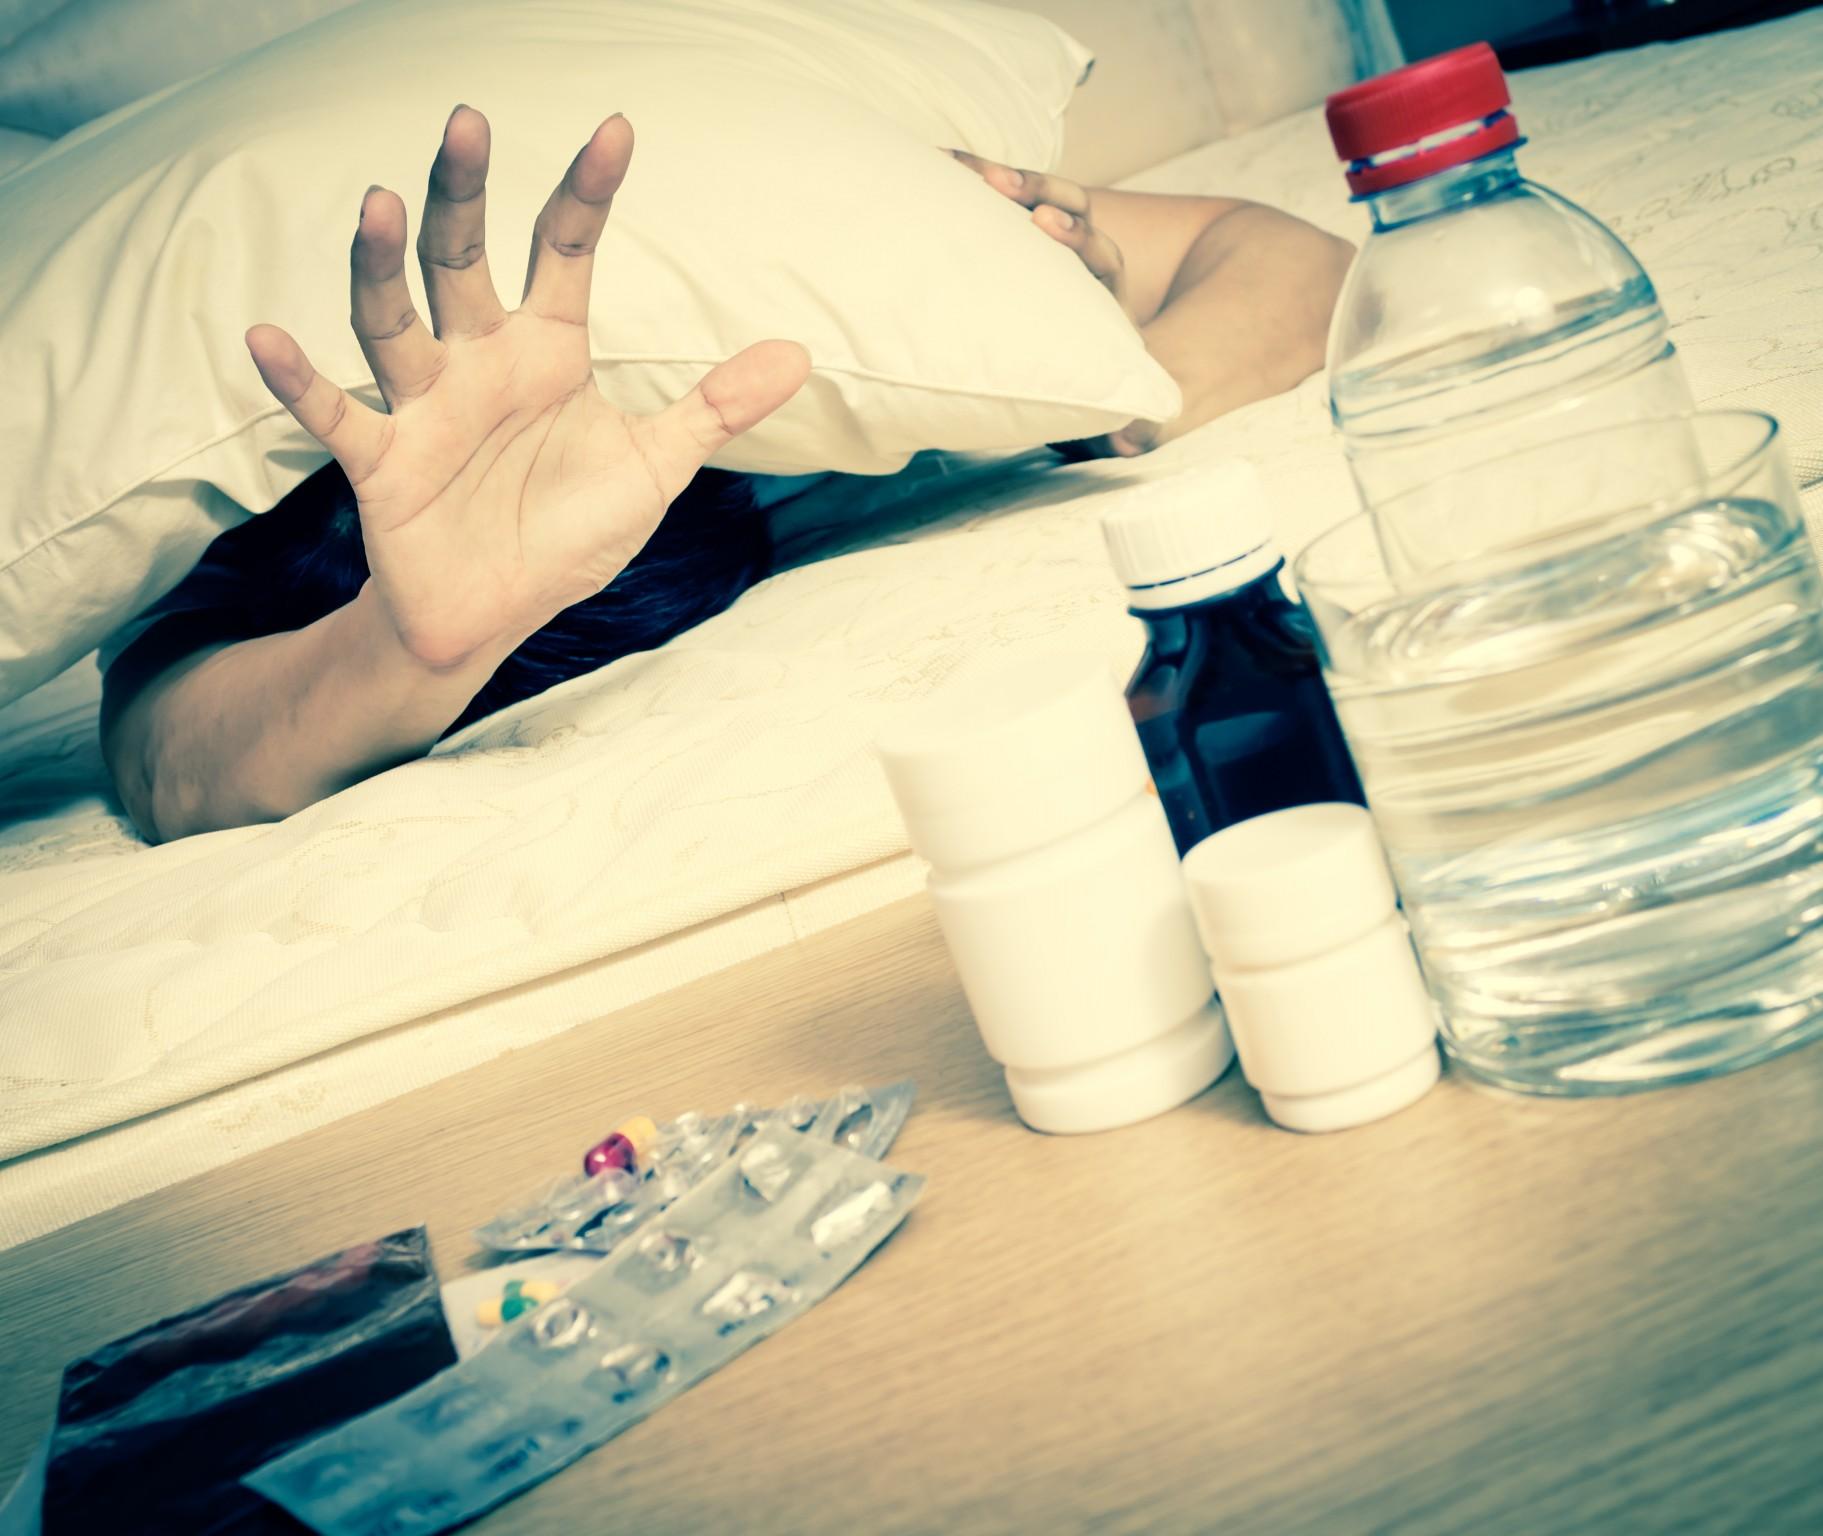 hangover2.jpg